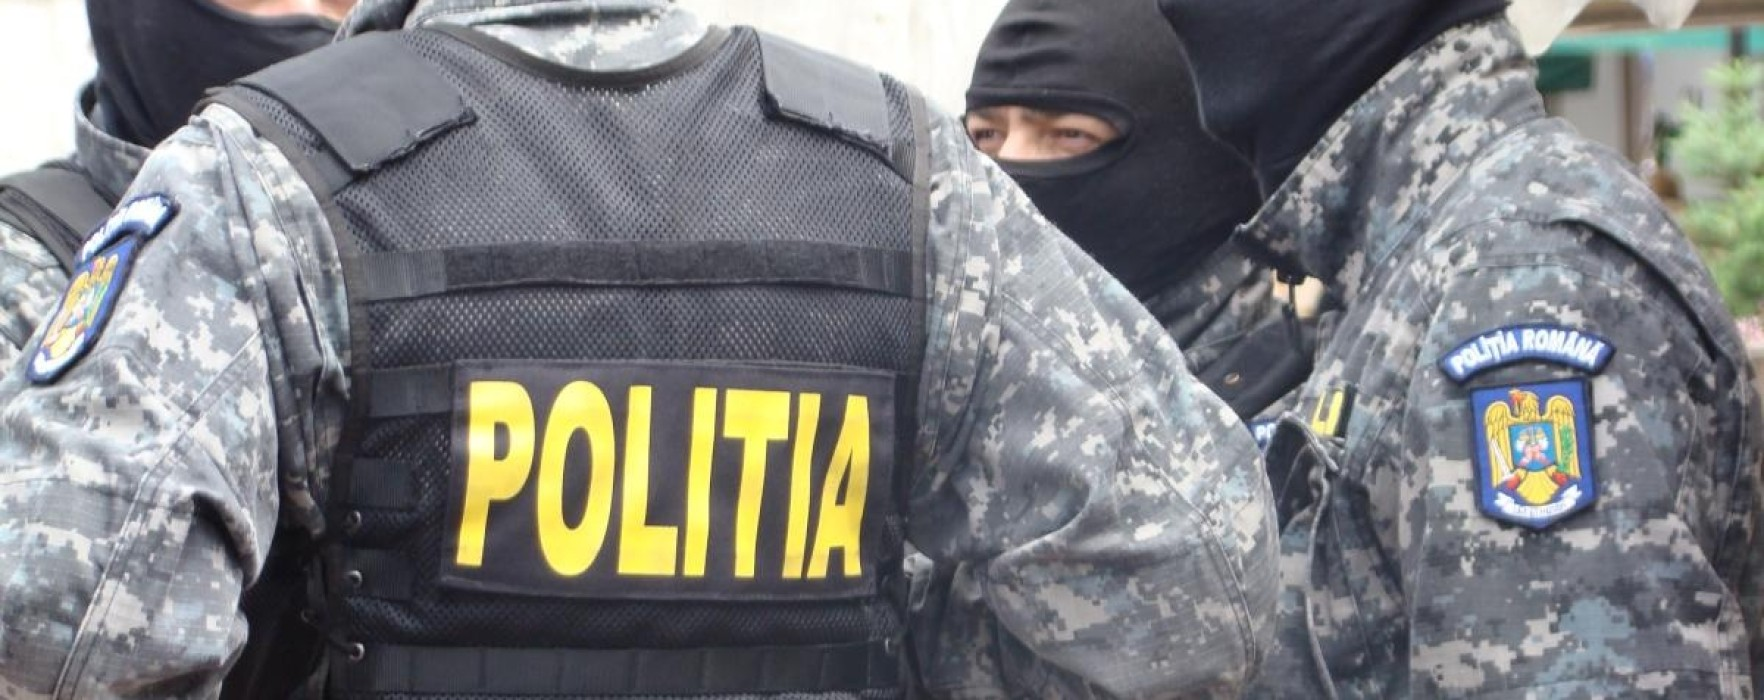 Dâmboviţa: Percheziţii la membrii unei grupări infracţionale specializate în furturi de autoturisme